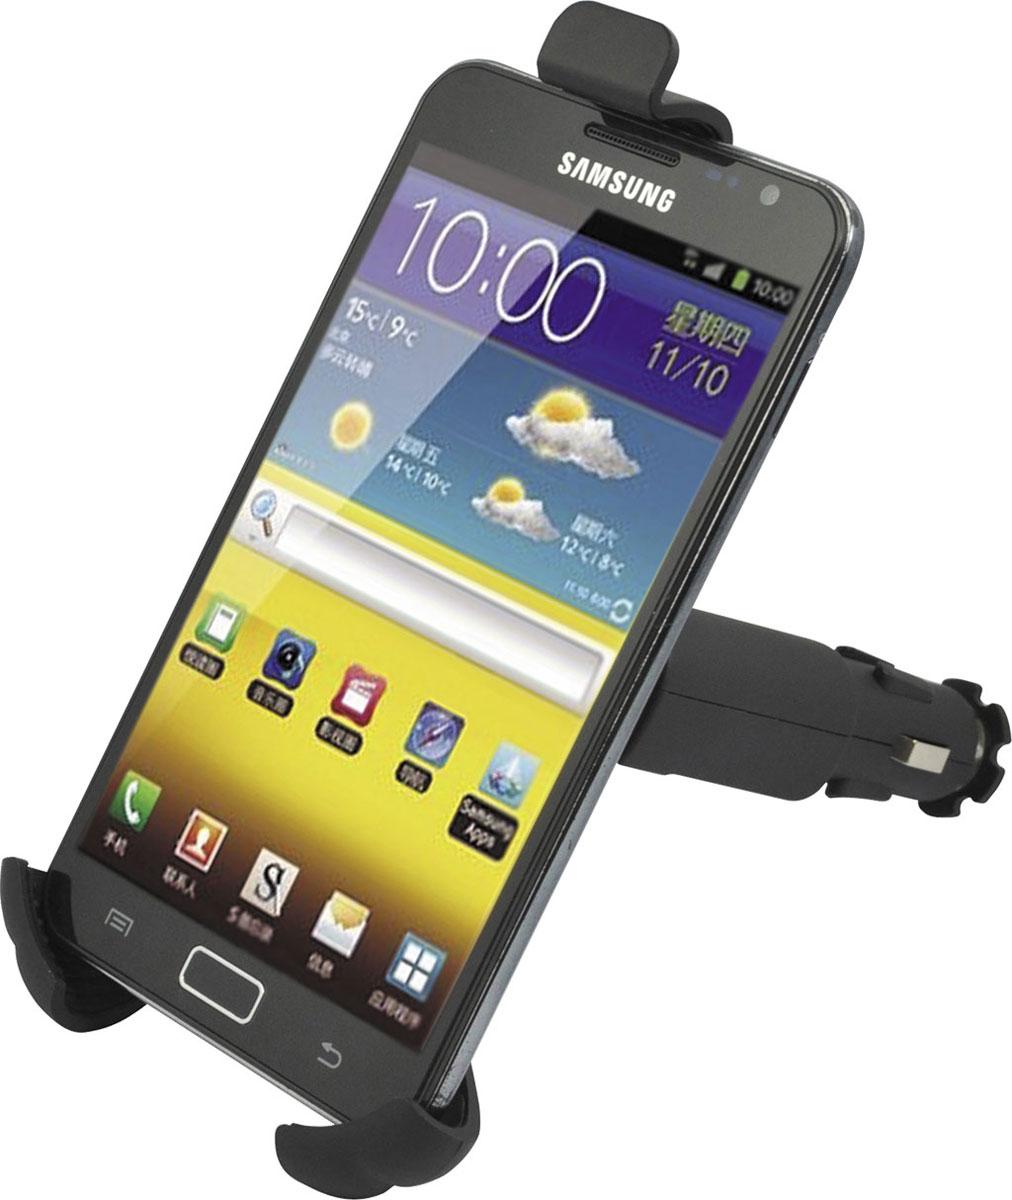 Держатель для телефона автомобильный Zipower. PM 6609PM 6609Автомобильный держатель для телефона Zipower подходит к любому автомобилю. Выполнен из высококачественного ABS пластика. Благодаря наличию в комплекте зарядного устройства USB ваш телефон или смартфон не разрядится в дороге. Держатель устанавливается в прикуриватель.Особенности держателя:Совместим со смартфонами: Samsung Galaxy Note 1, Samsung Galaxy Note 2, Samsung Galaxy S IV.Легко устанавливается, легко снимается.Поворот на 360°.Регулируемая ширина захвата: 55–85 мм.Регулируемая высота захвата: 118–152 мм.